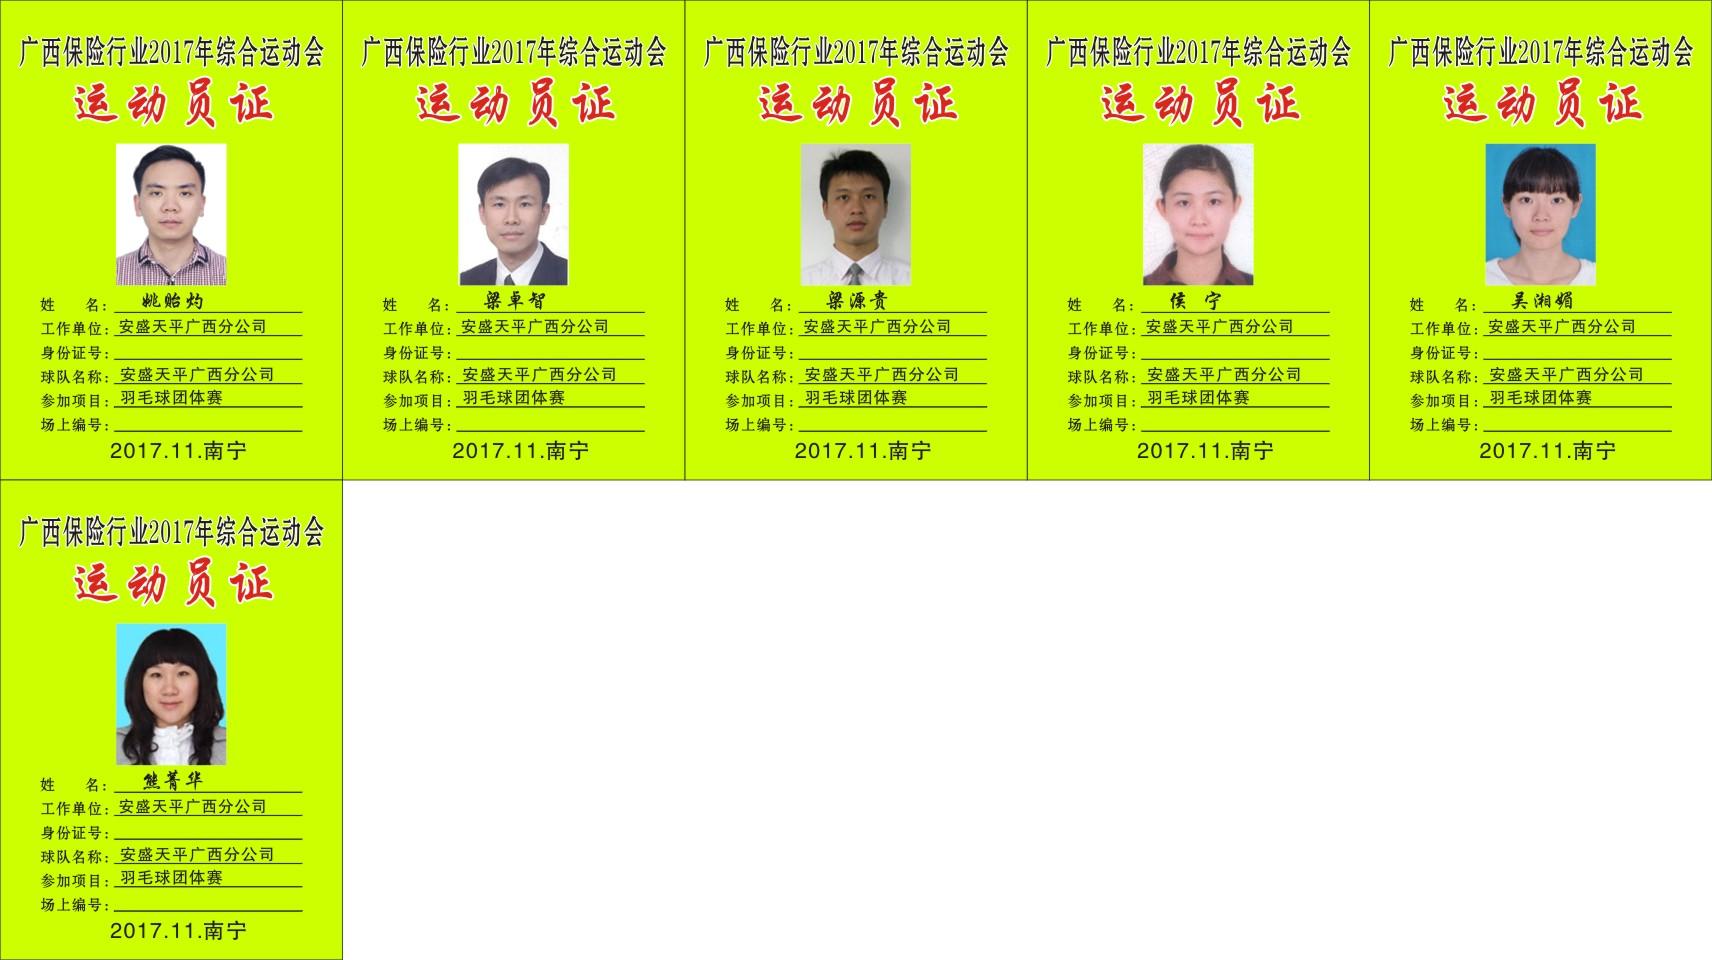 23安盛天平广西分公司.jpg